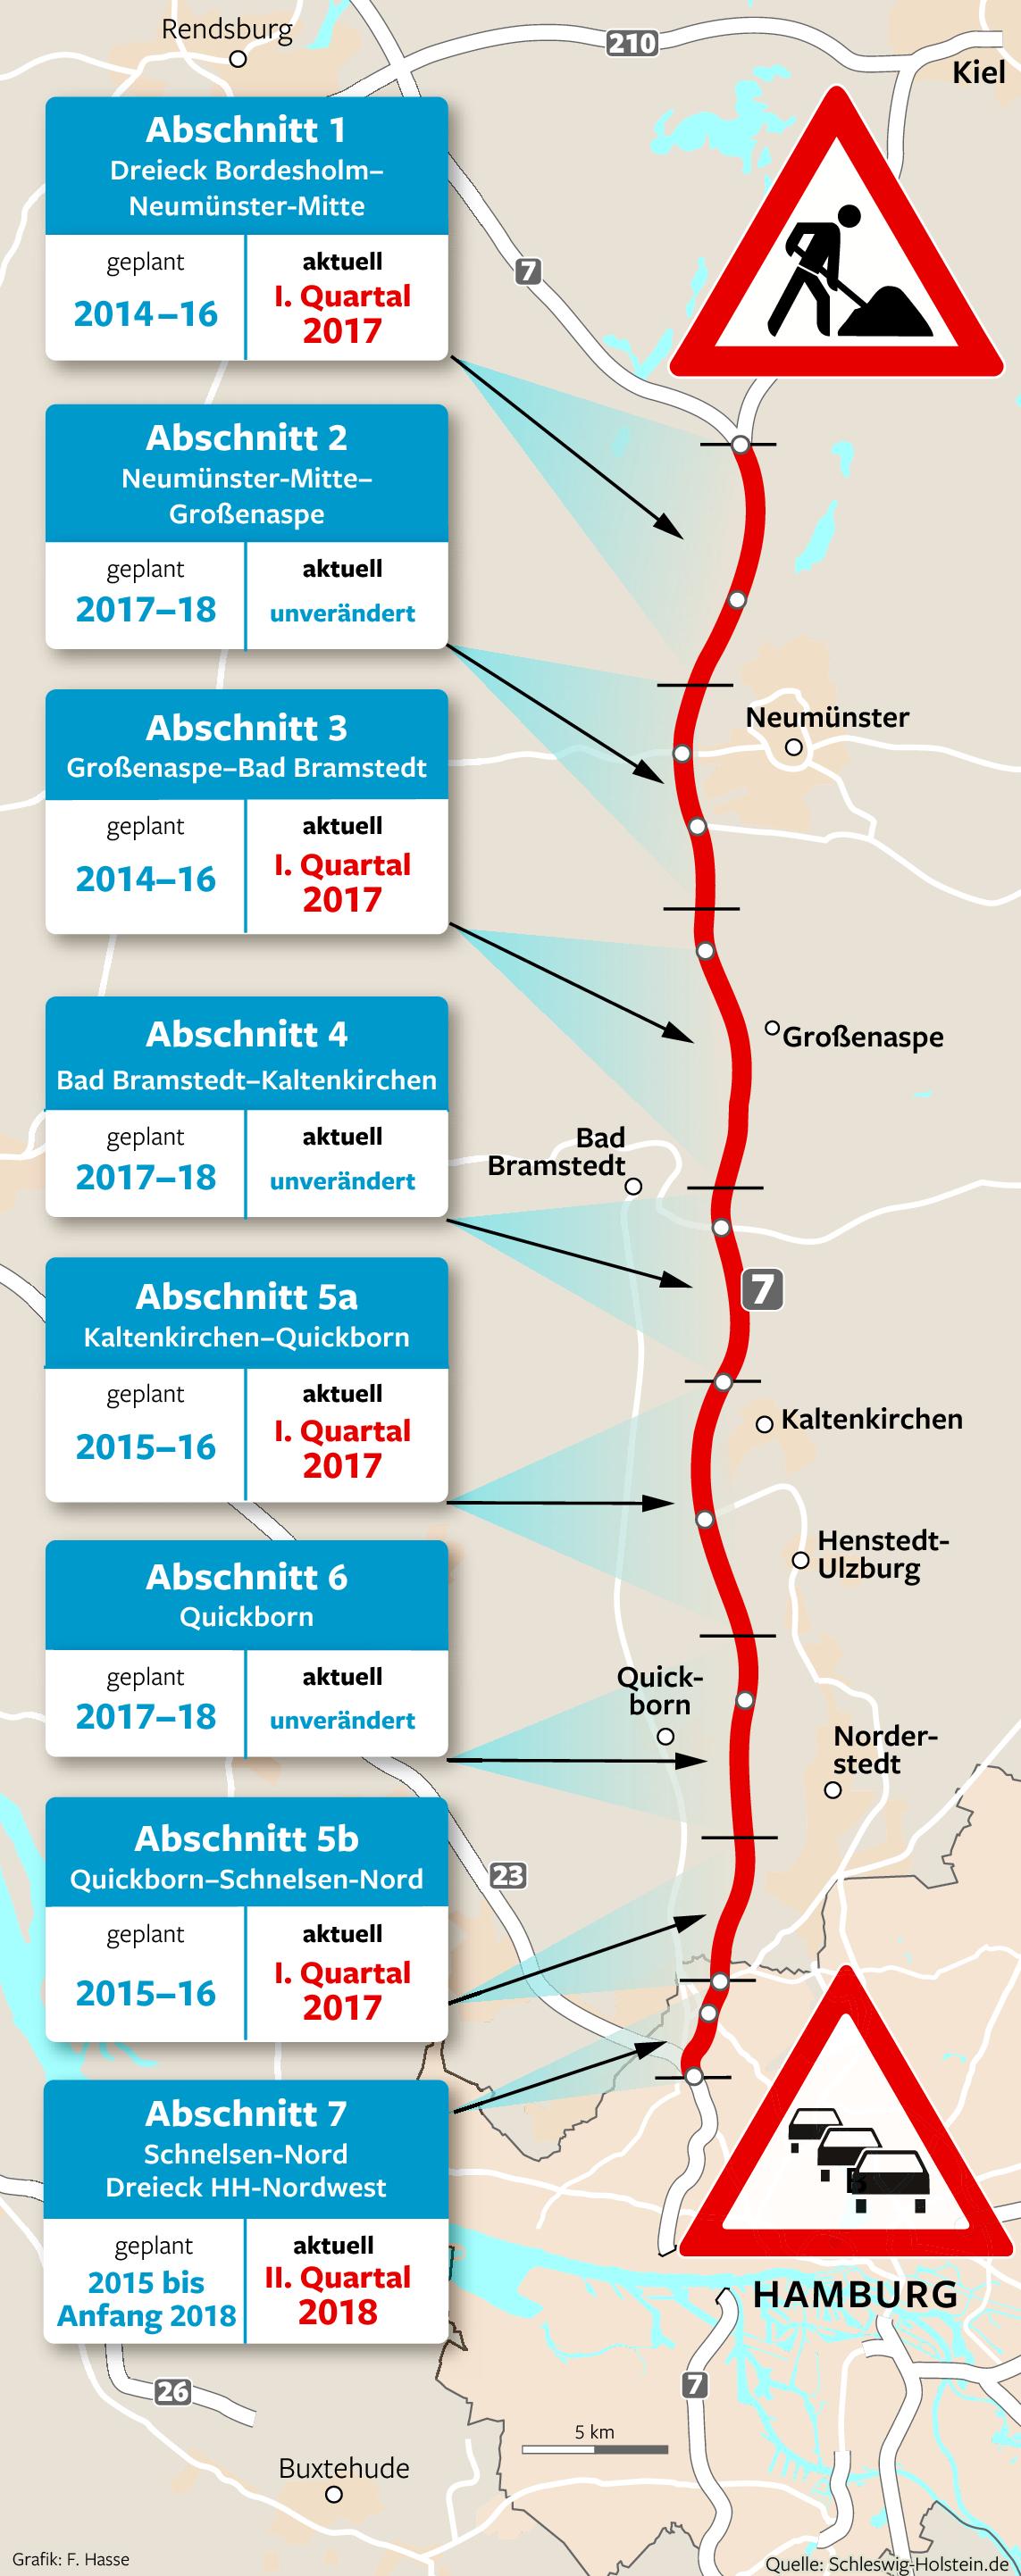 Umbau der autobahn 7 hinkt dem zeitplan hinterher for Ausbau a7 zeitplan